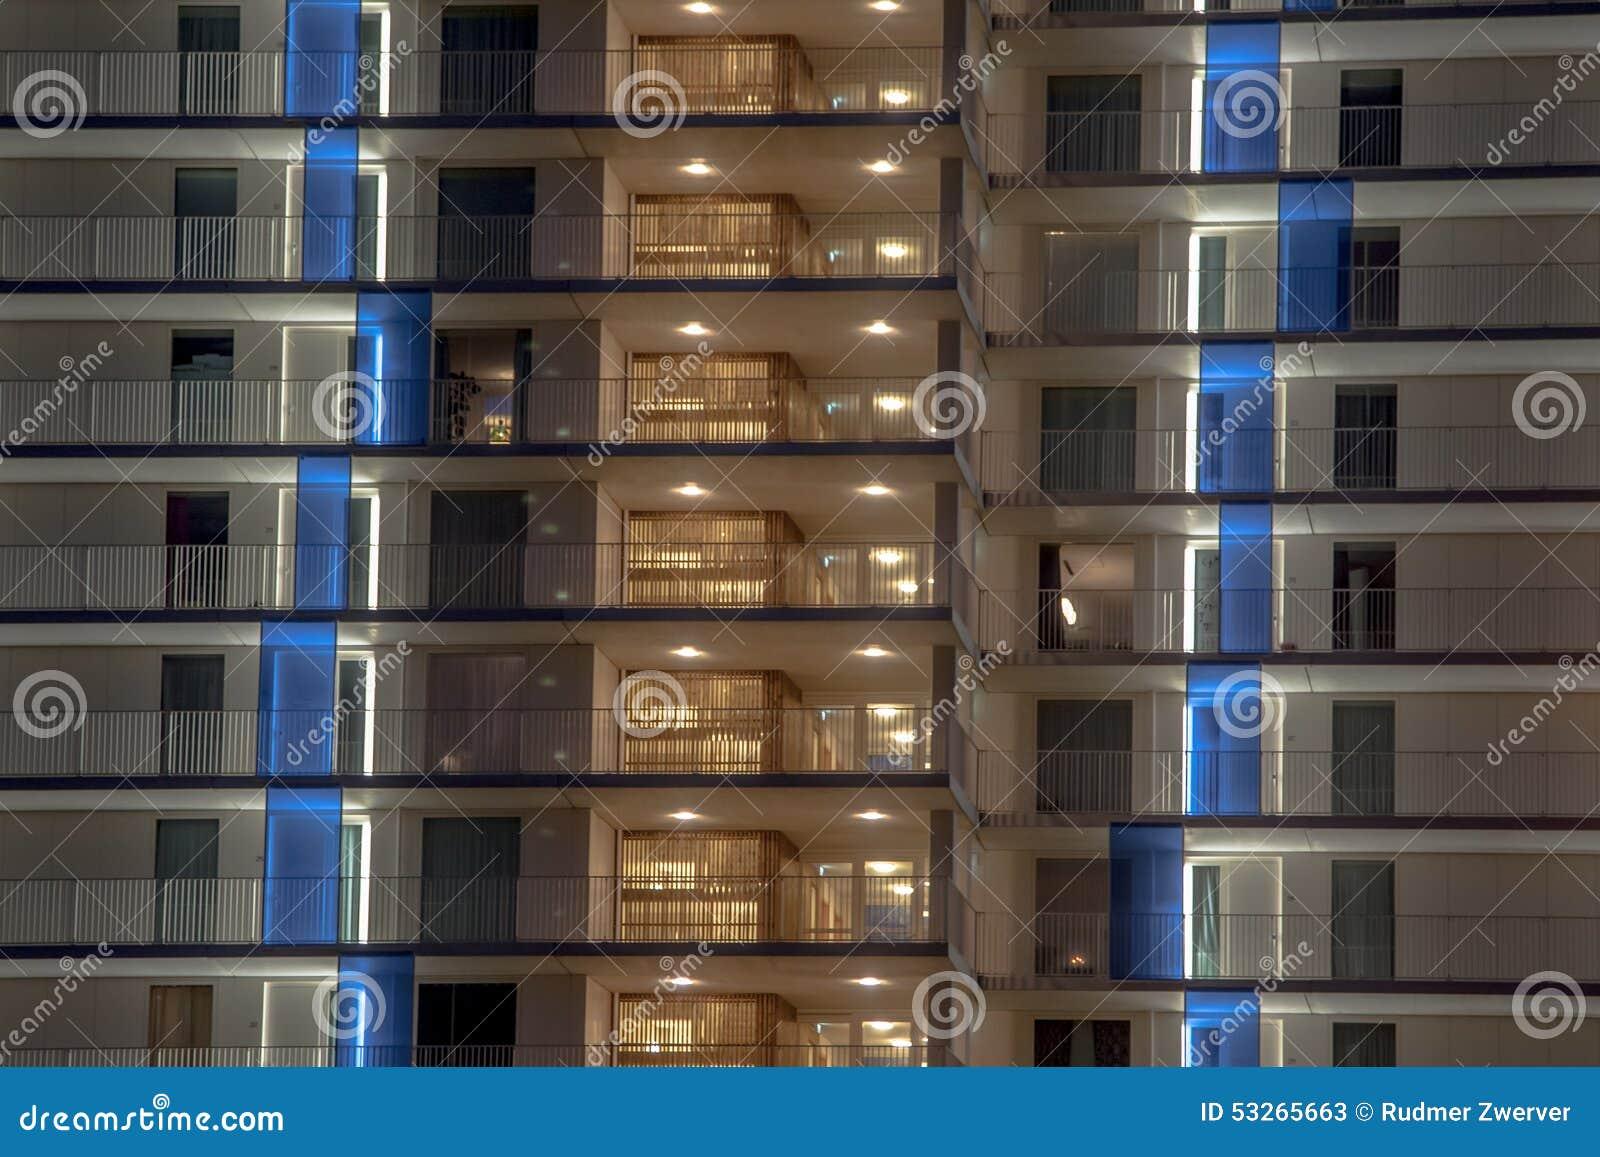 Verlicht balkon stock afbeelding. Afbeelding bestaande uit hong ...